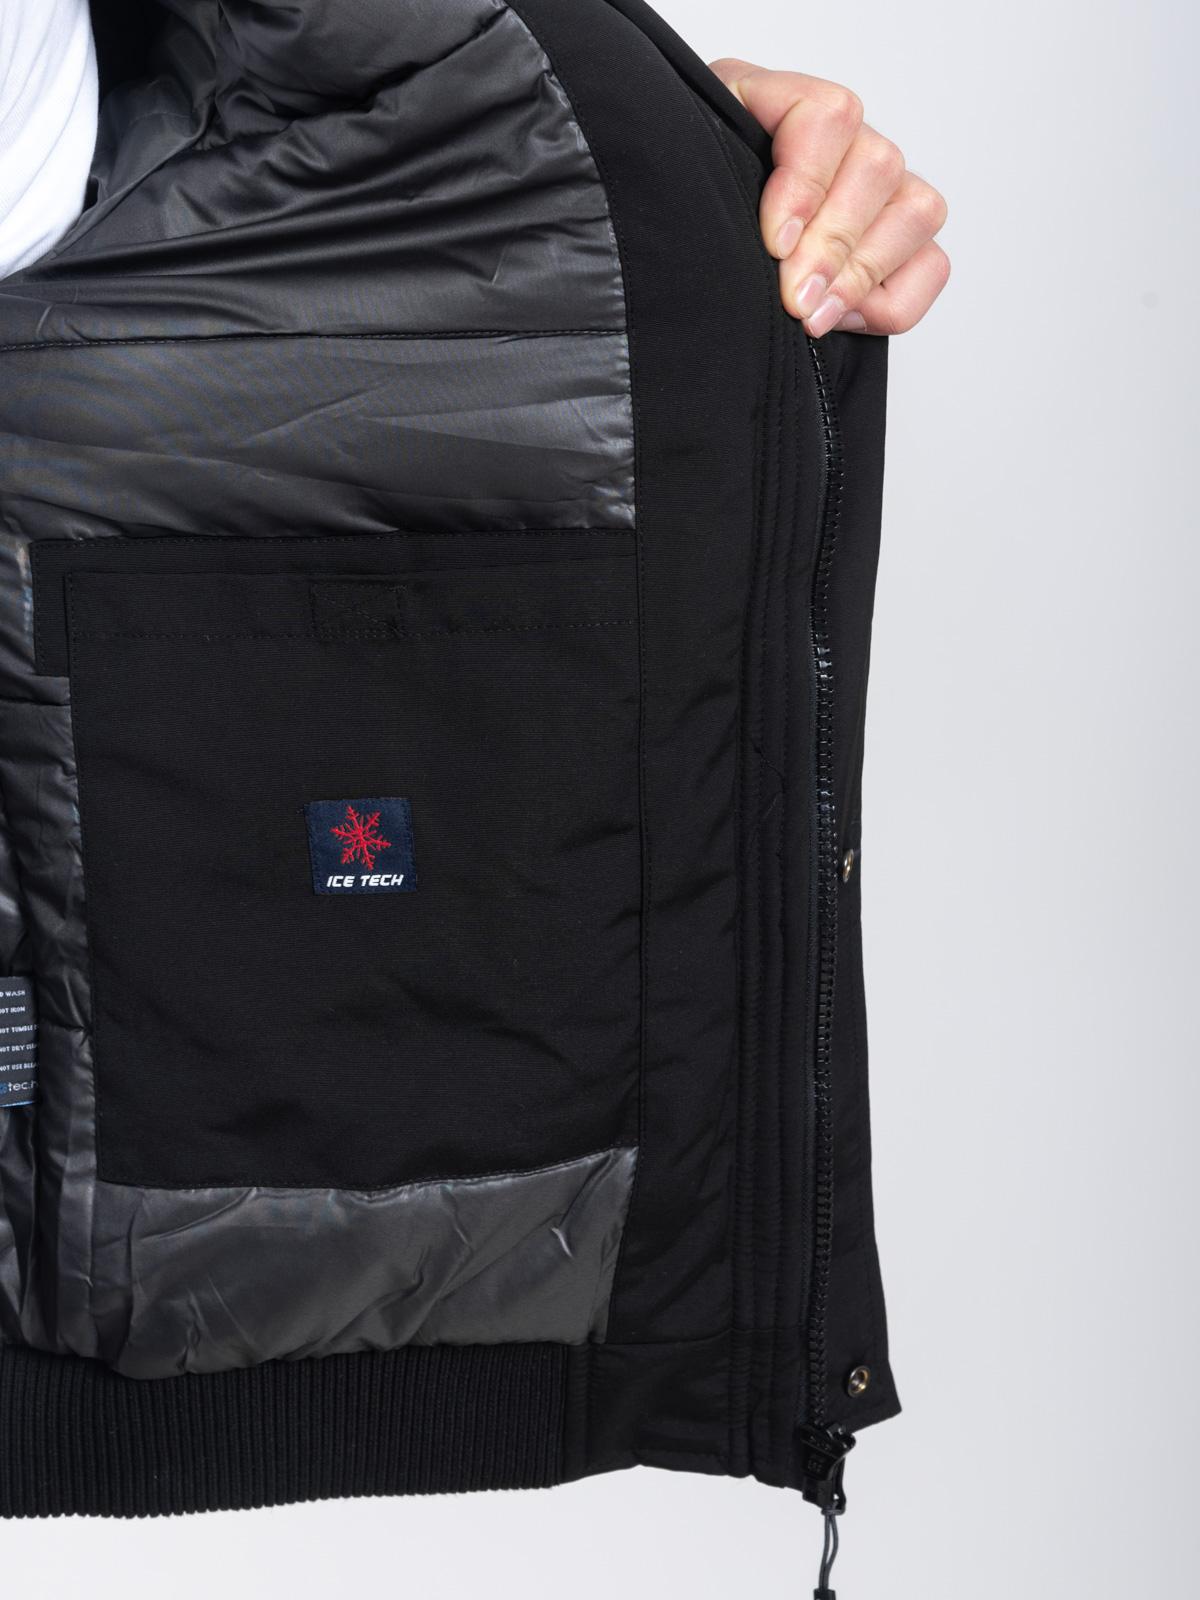 ICE TECH G826 BLACK - ΑΝΡΙΚΟ ΤΖΑΚΕΤ ΜΑΥΡΟ